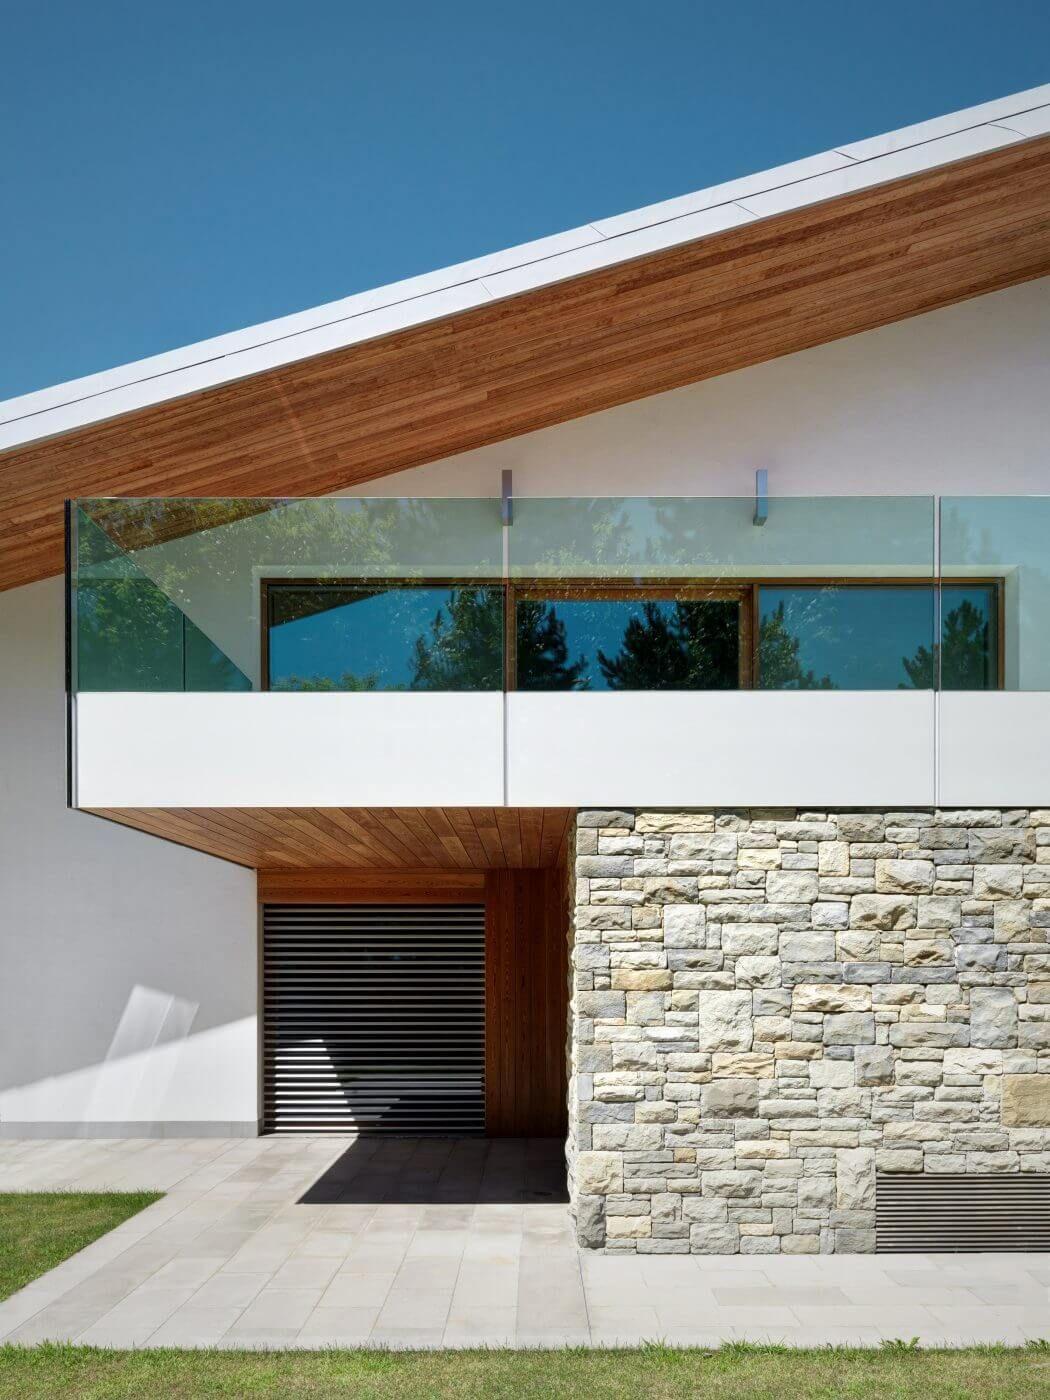 Colori Per Facciate Case villa carber by buratti architetti (con immagini)   design